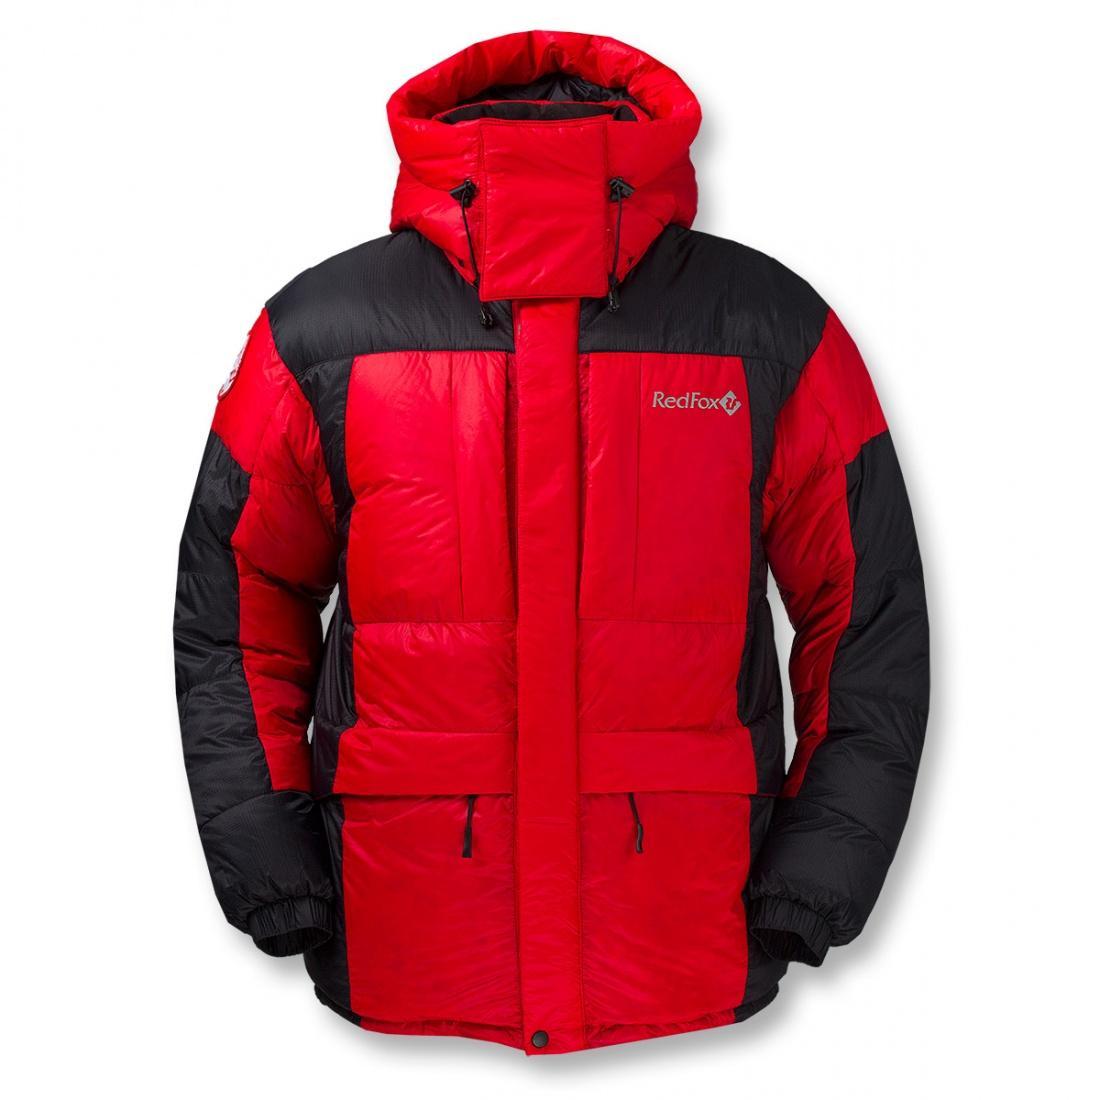 Куртка пуховая Baltoro XXКуртки<br><br> Легкая и прочная пуховая куртка, выполнена с применением гусиного пуха высокого качества (F.P 700+). Область плечевого пояса продублирован...<br><br>Цвет: Алый<br>Размер: 48